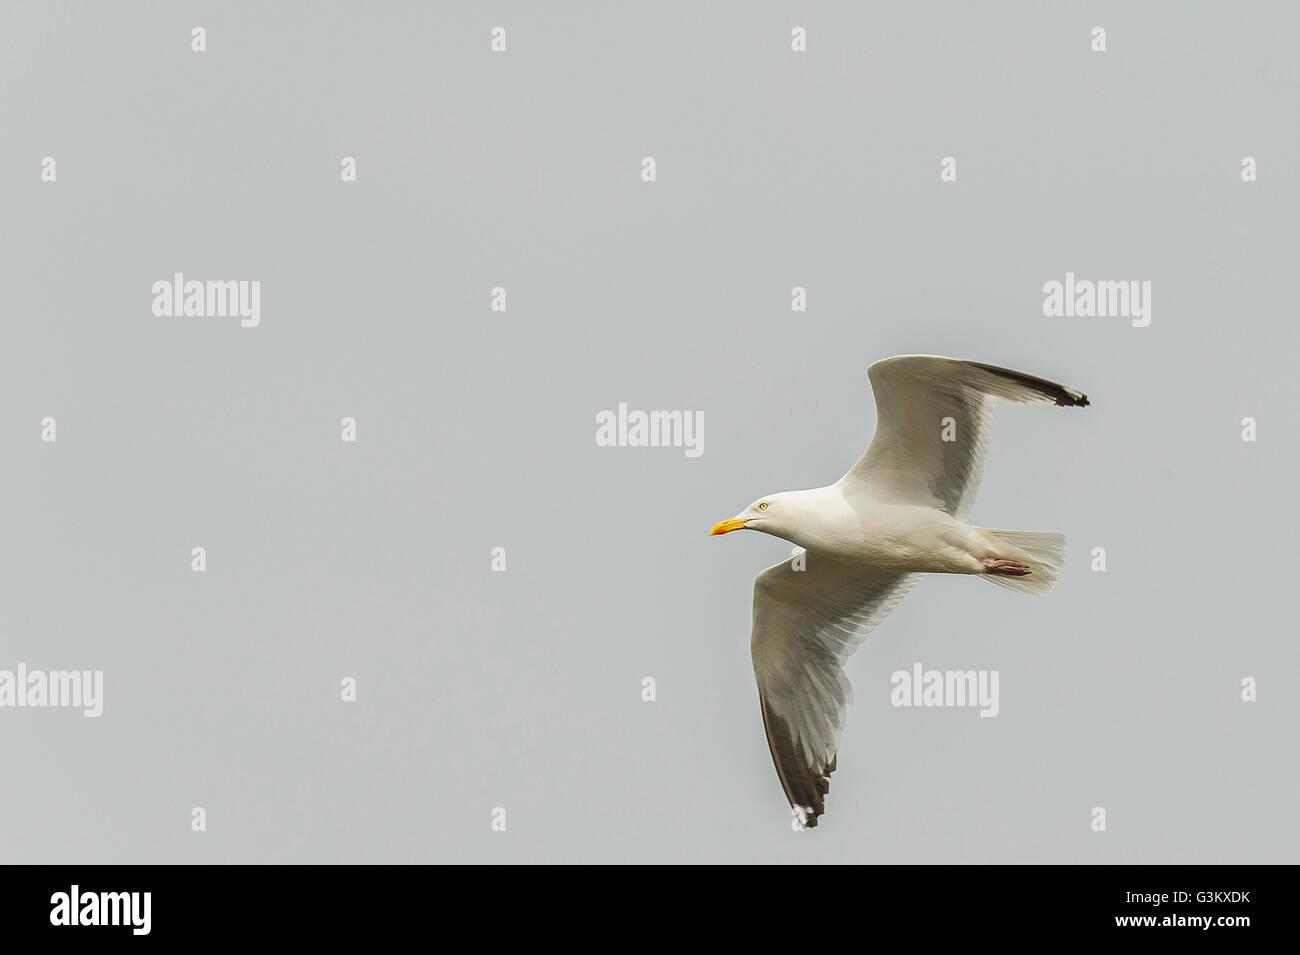 A European Herring Gull. Laurus argentatus. - Stock Image